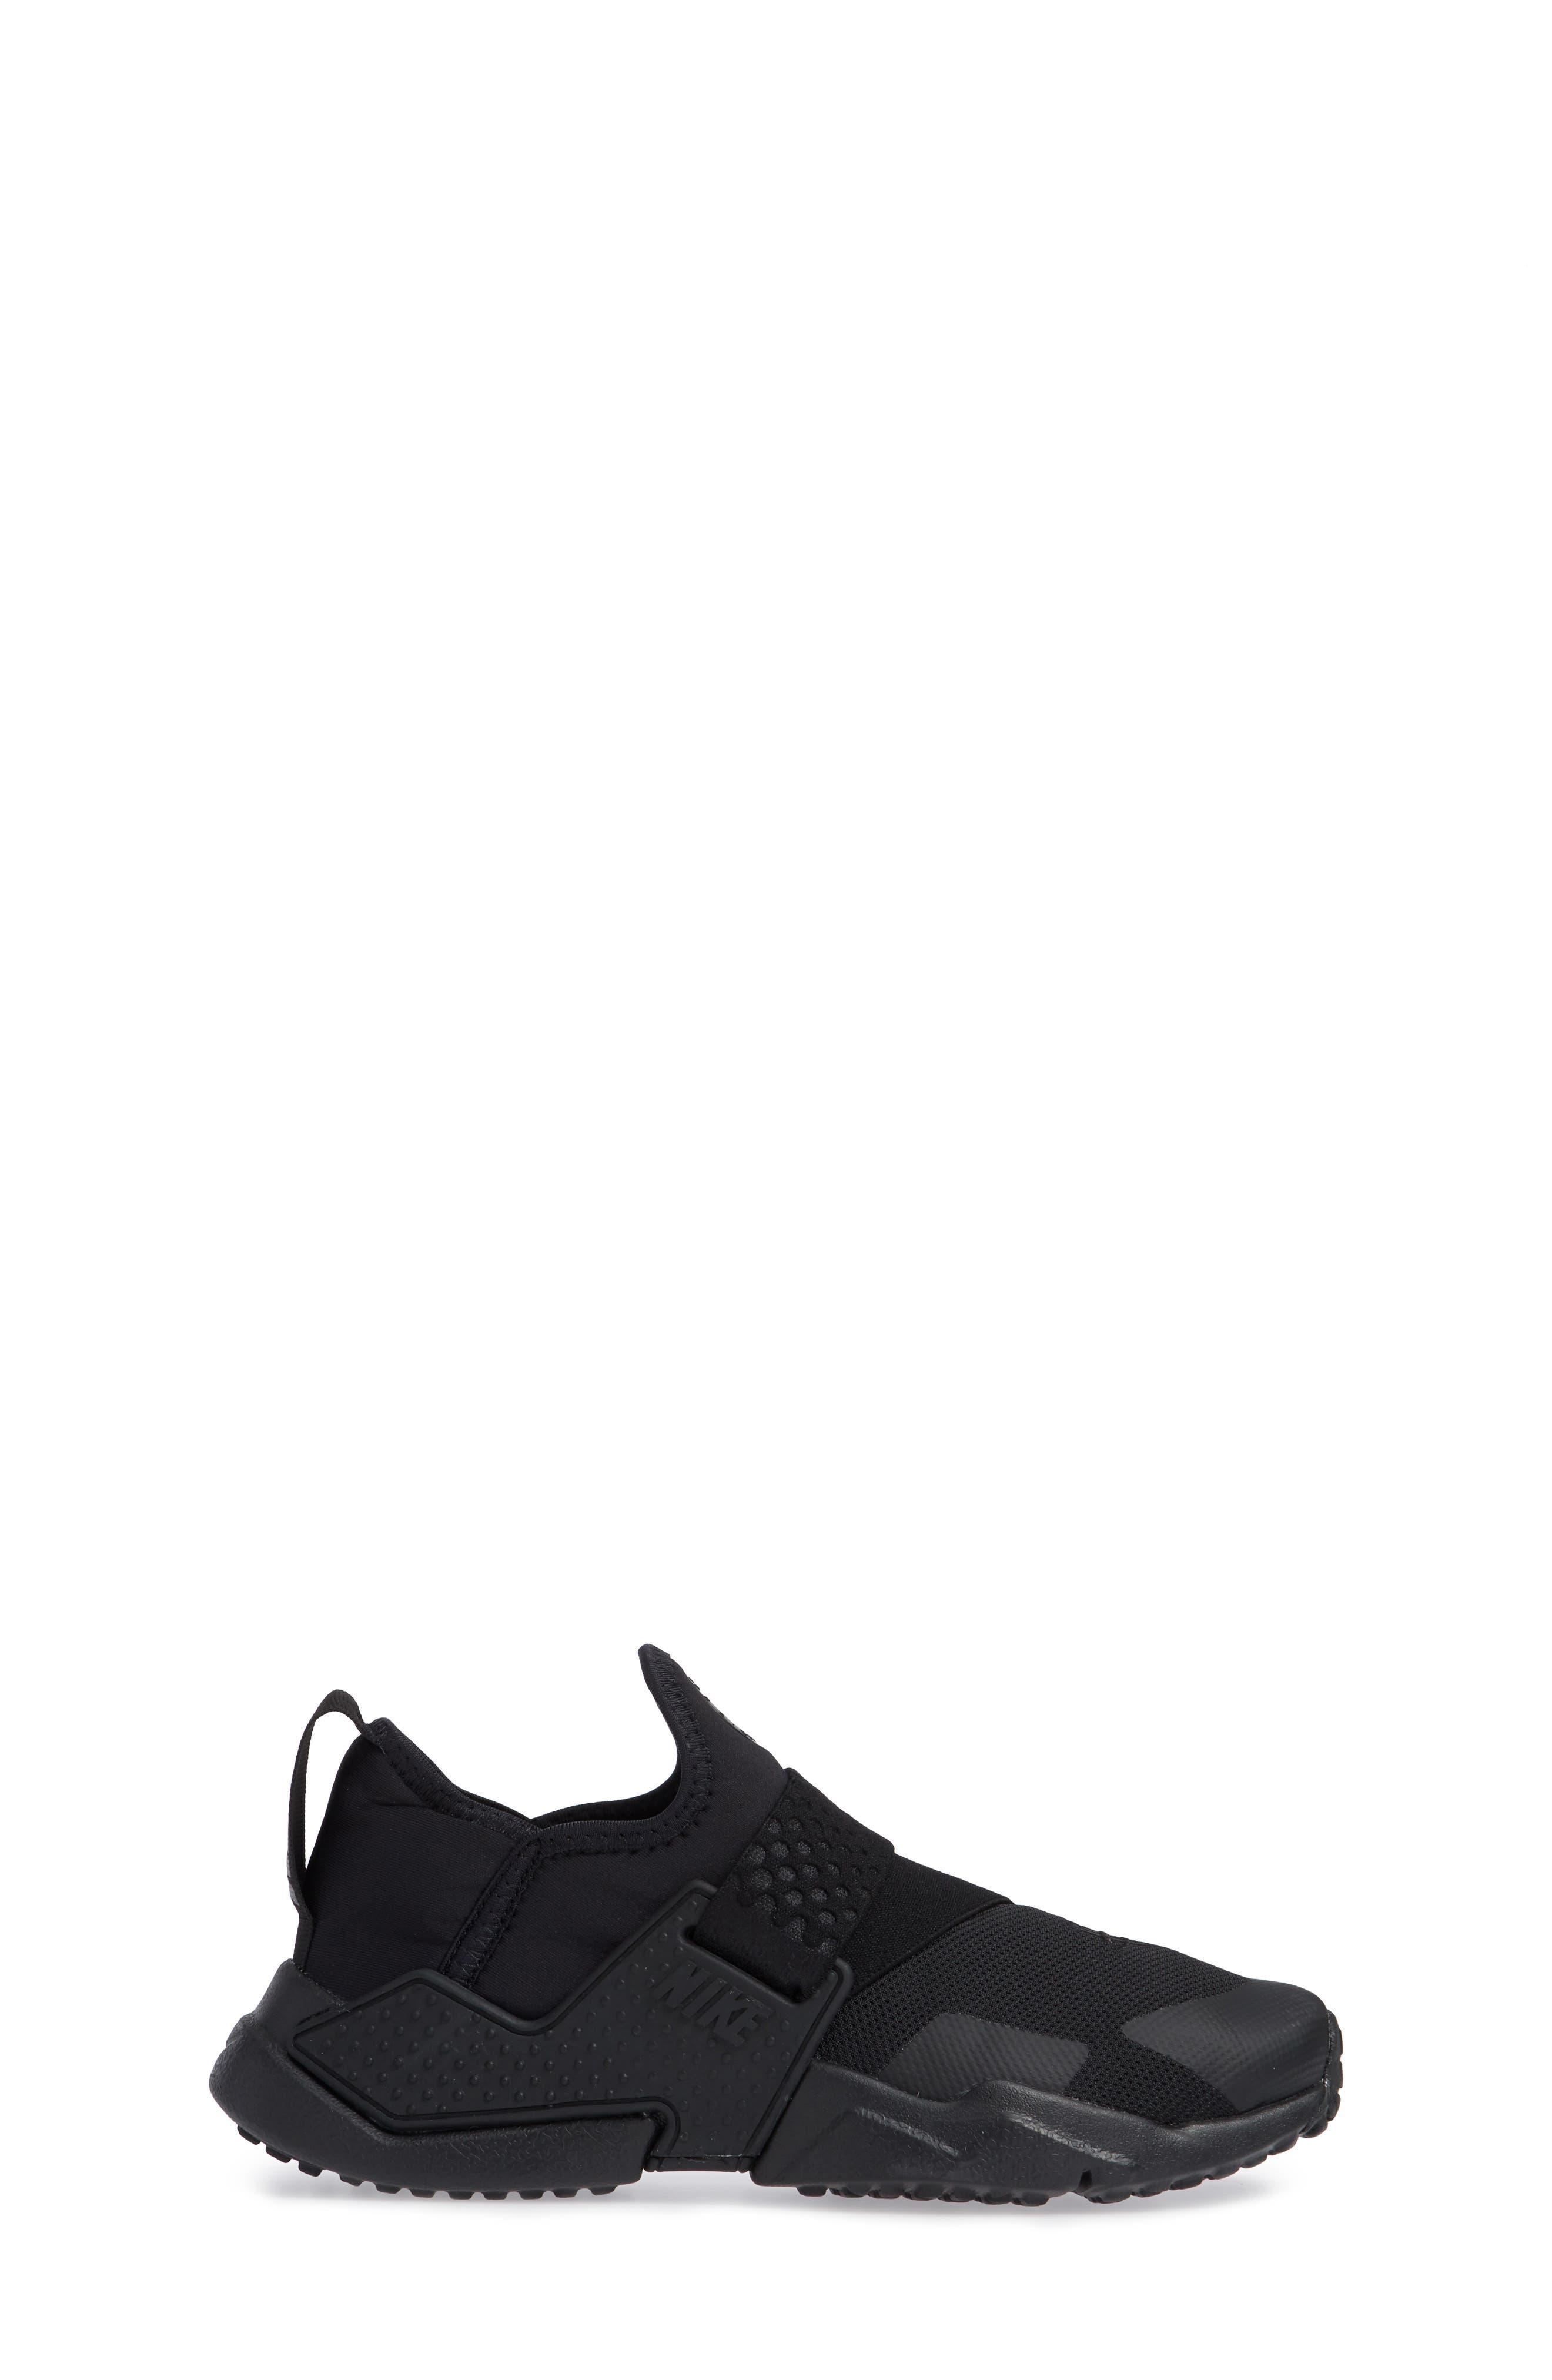 Huarache Extreme Sneaker,                             Alternate thumbnail 3, color,                             BLACK